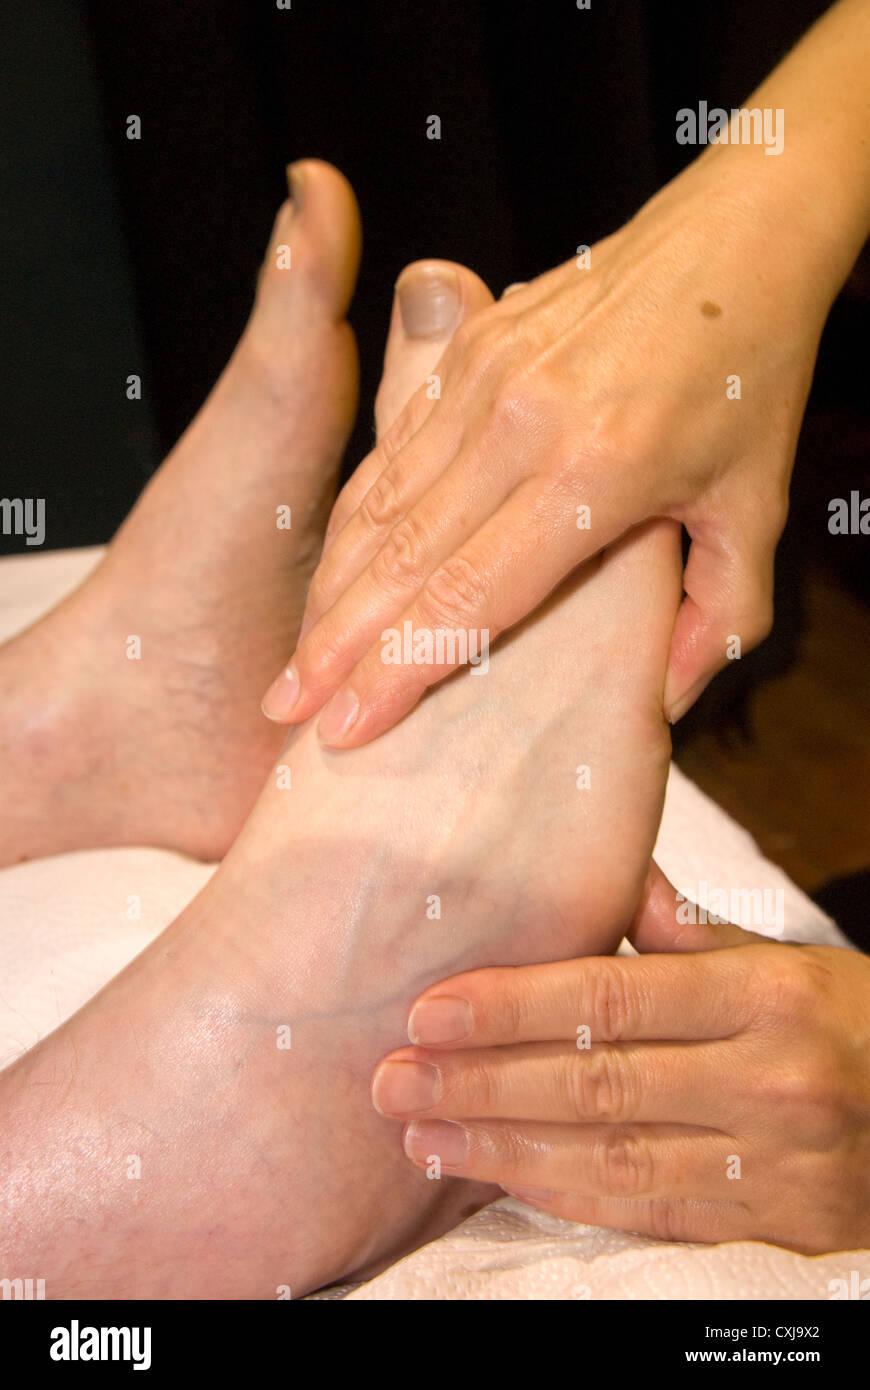 Reflexologin am Arbeitsplatz bei einer Veranstaltung von alternativen Therapien, Alton, Hampshire, UK. Stockbild